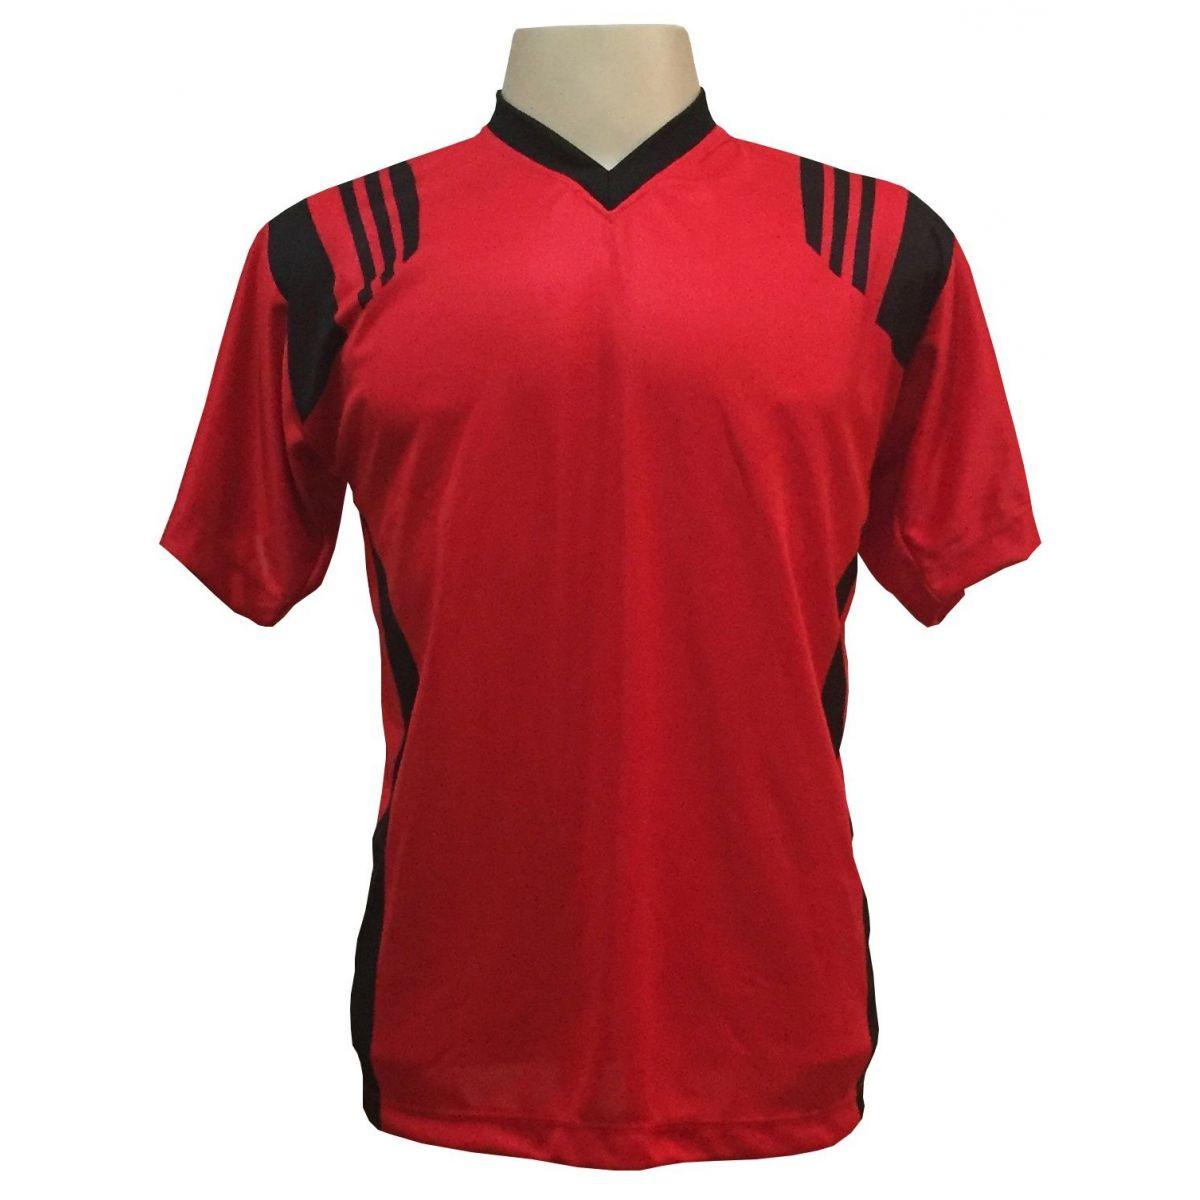 Fardamento Completo modelo Roma 18+1 (18 Camisas Vermelho/Preto + 18 Calções Madrid Preto + 18 Pares de Meiões Pretos + 1 Conjunto de Goleiro) + Brindes